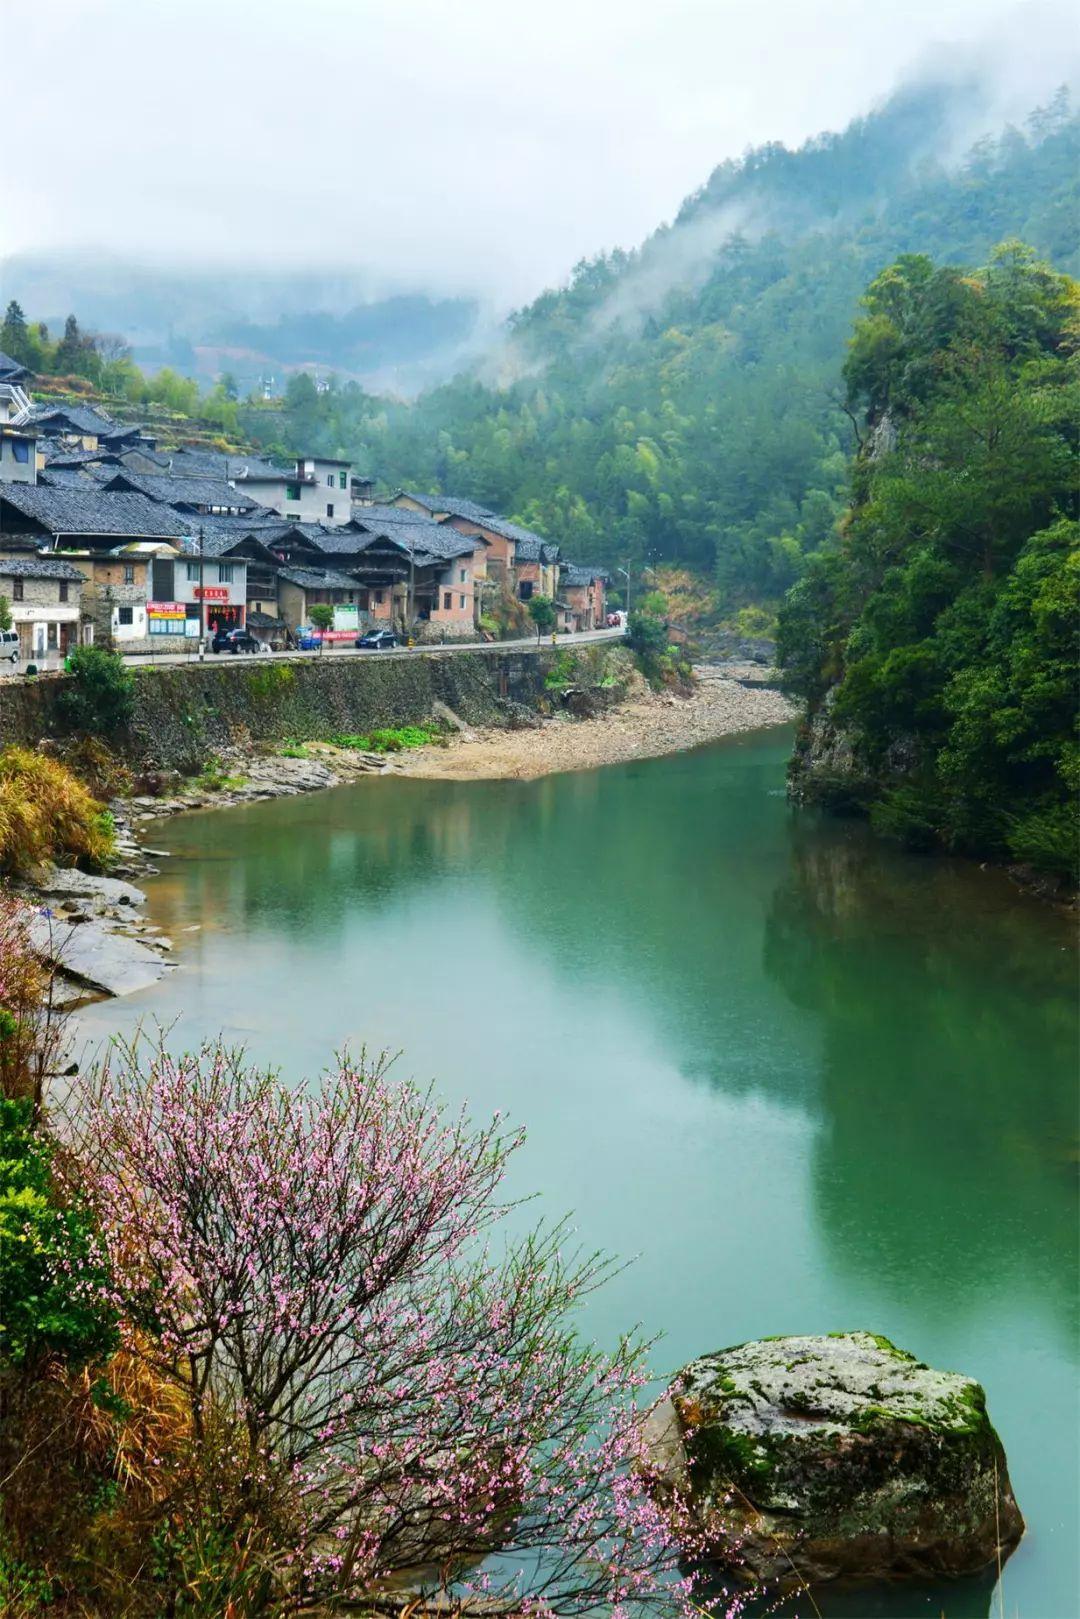 寿宁地处闽浙交界,于明景泰六年(1455年)置县,素有两省门户,五县通衢之称,现辖8镇6乡,205个行政村(社区),面积1424平方公里,人口28万,是省级扶贫开发重点县之一。寿宁是红色之乡,是福建省重点老区县。 作为国家重点生态功能区,森林覆盖率71.1%,拥有58.2万亩的富硒和68.